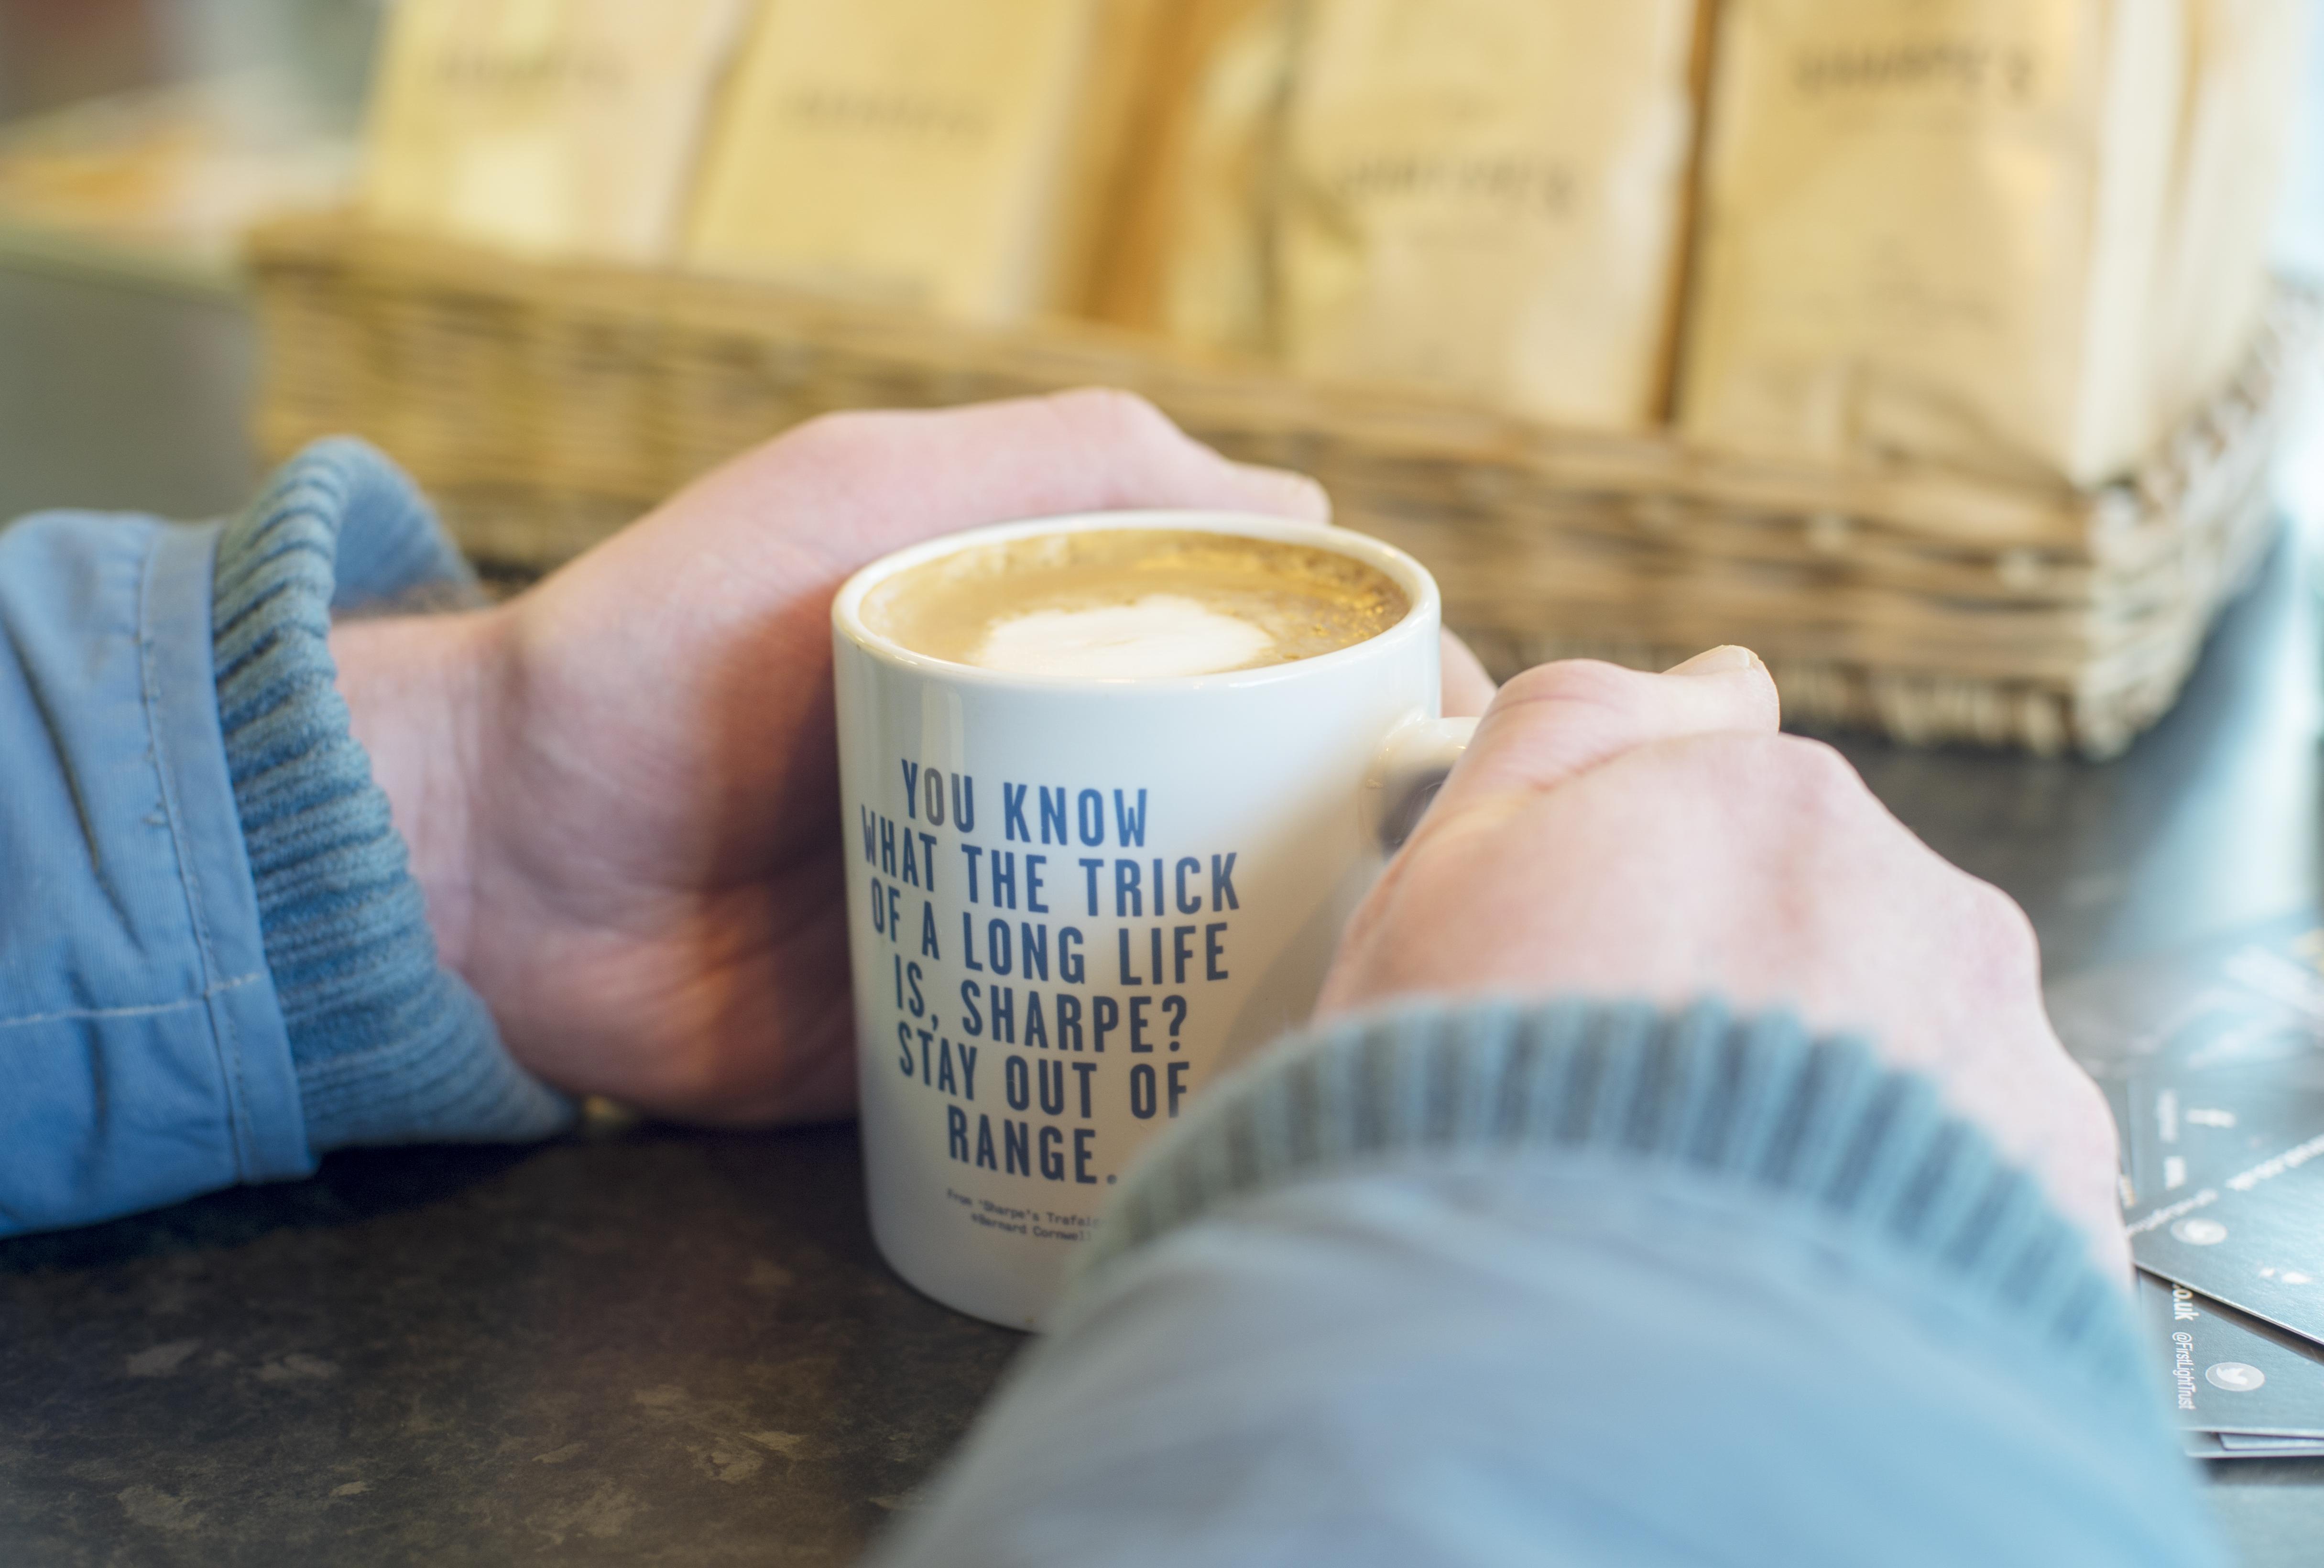 FirstLight Trust veteran holding a mug